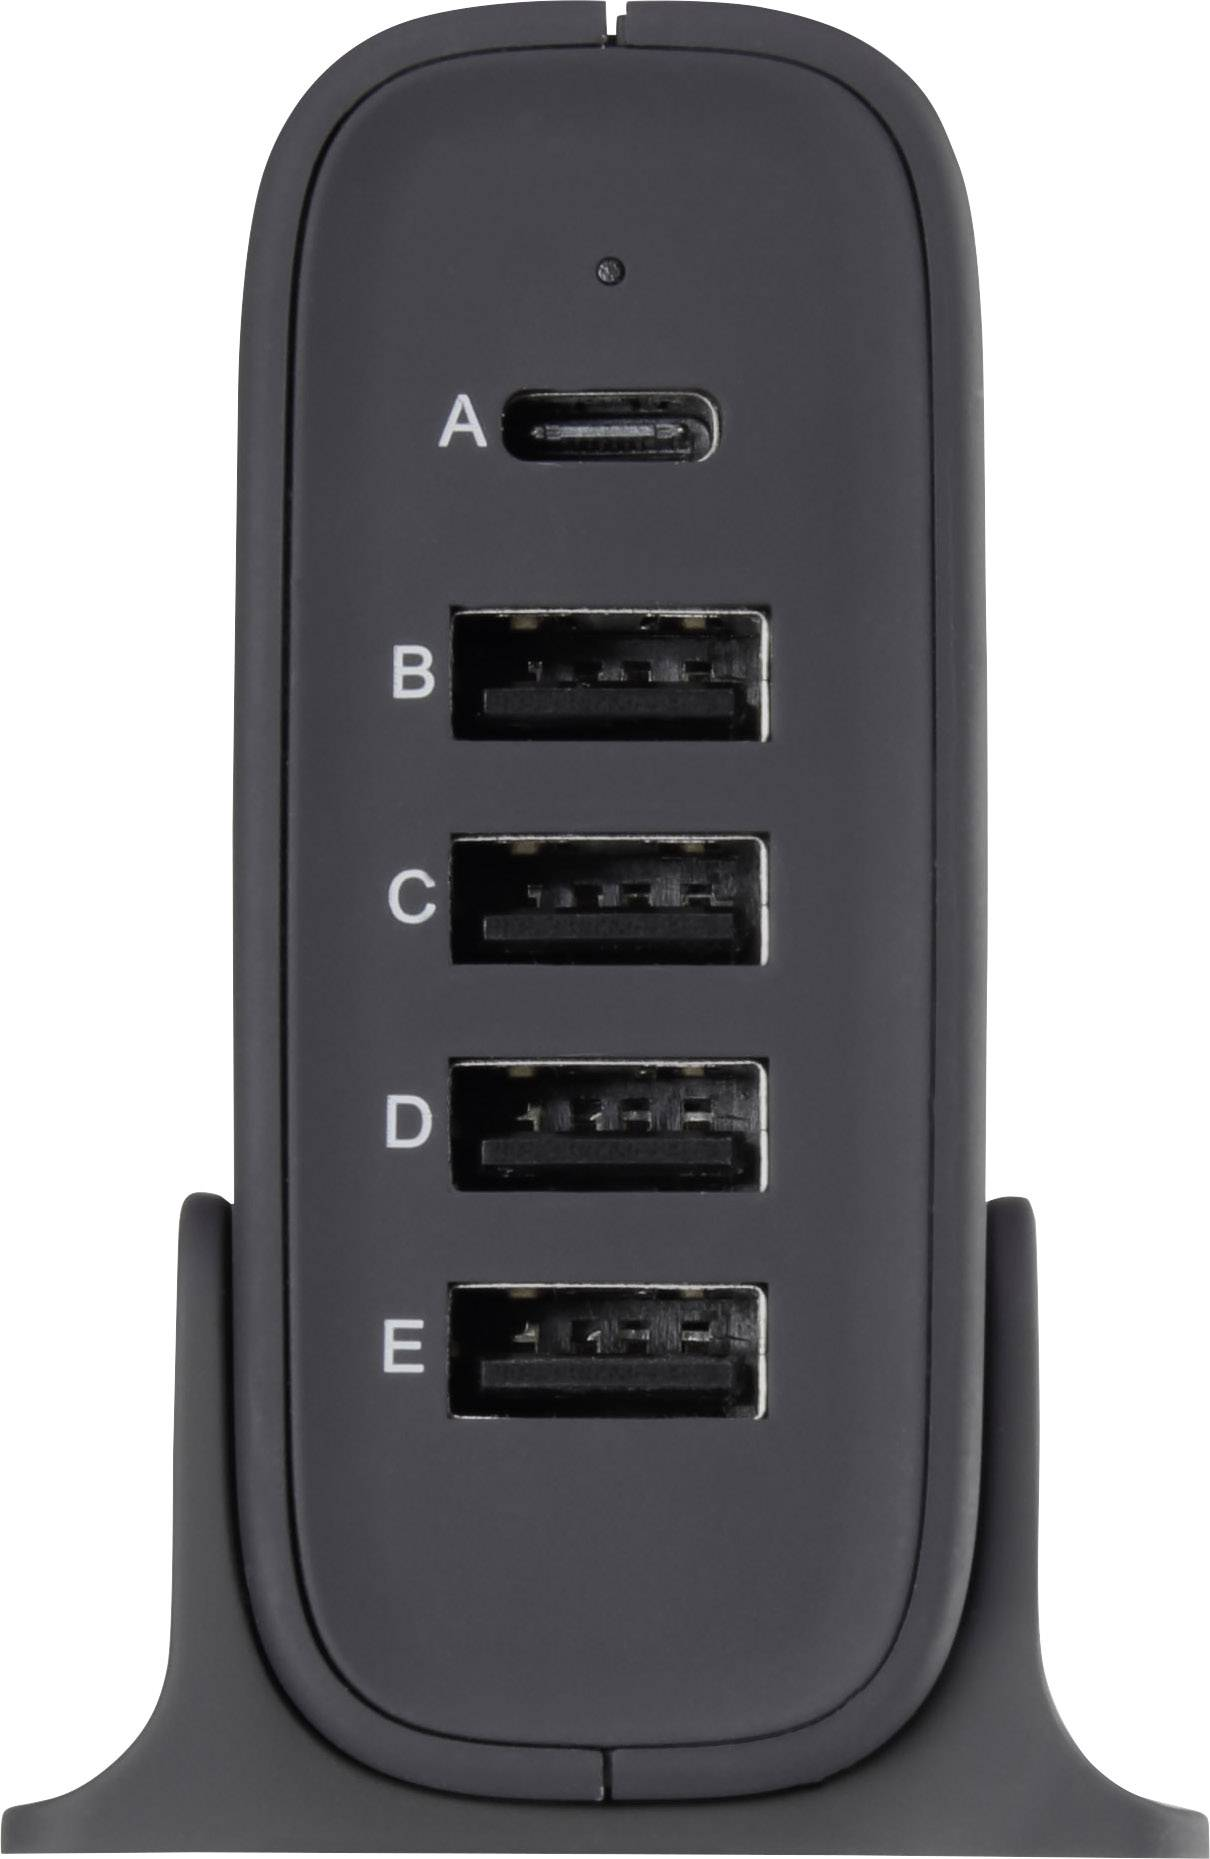 USB nabíječka VOLTCRAFT VC-8331410, 8 A, černá